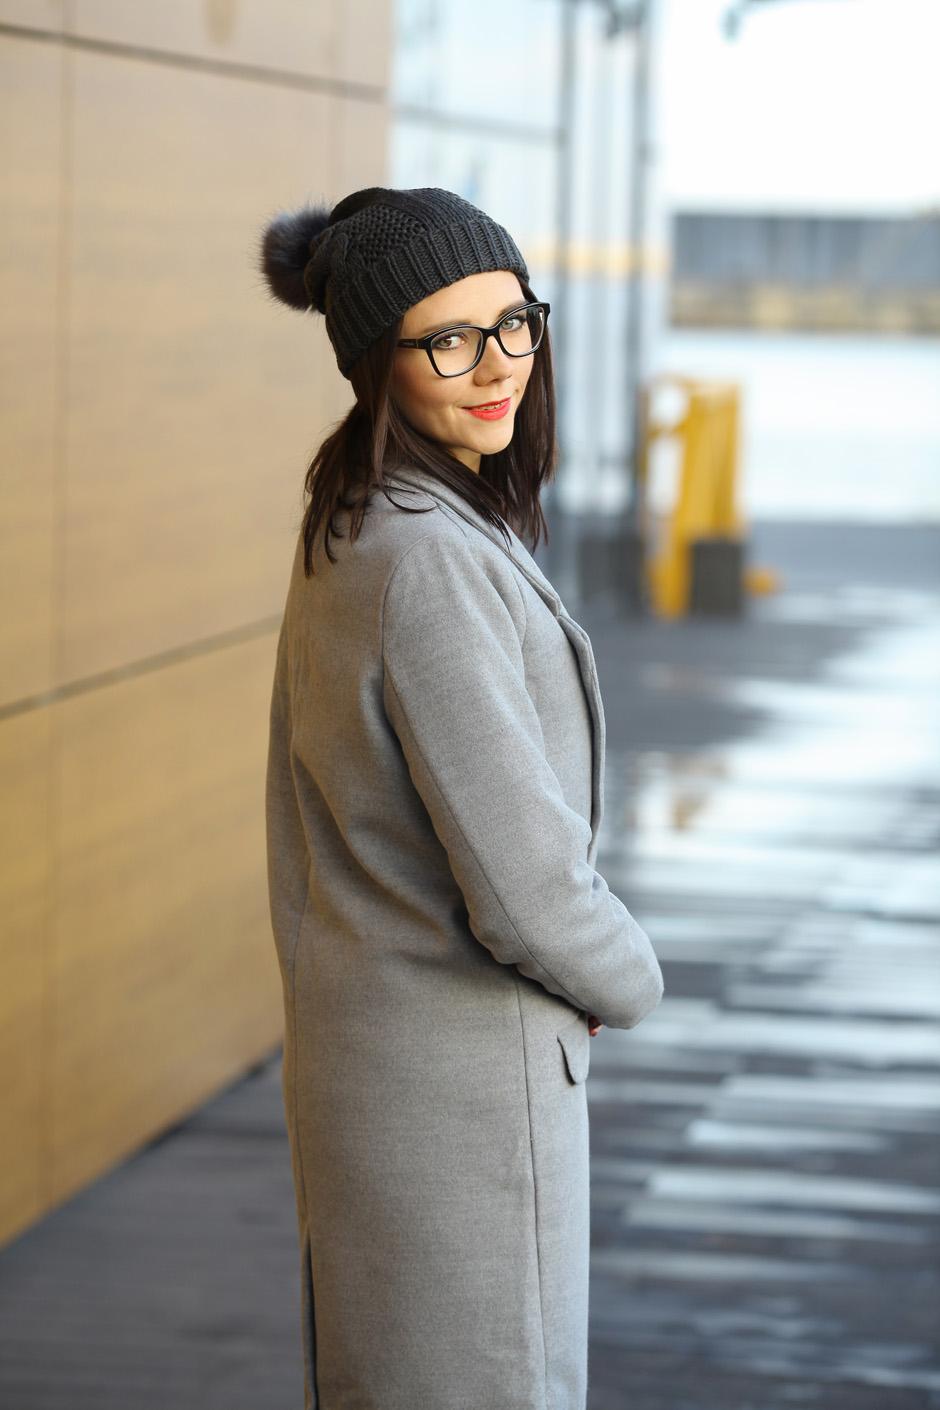 zimowa-stylizacja-filcowe-buty-clarks-bialy-sweter-i-wisior-z-wegla-15